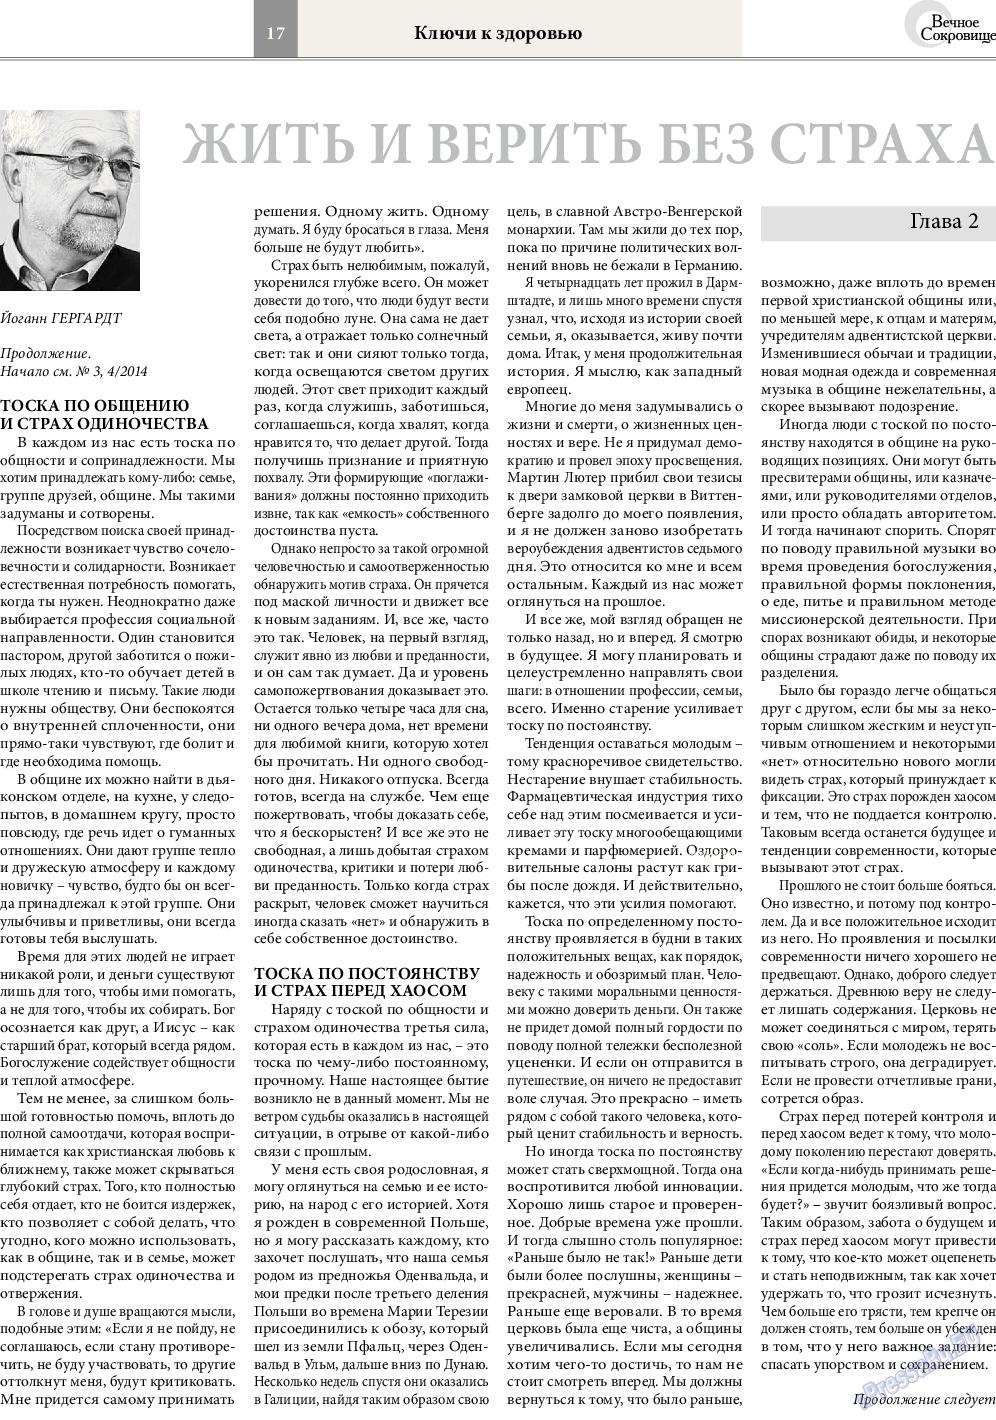 Вечное сокровище (газета). 2014 год, номер 5, стр. 17